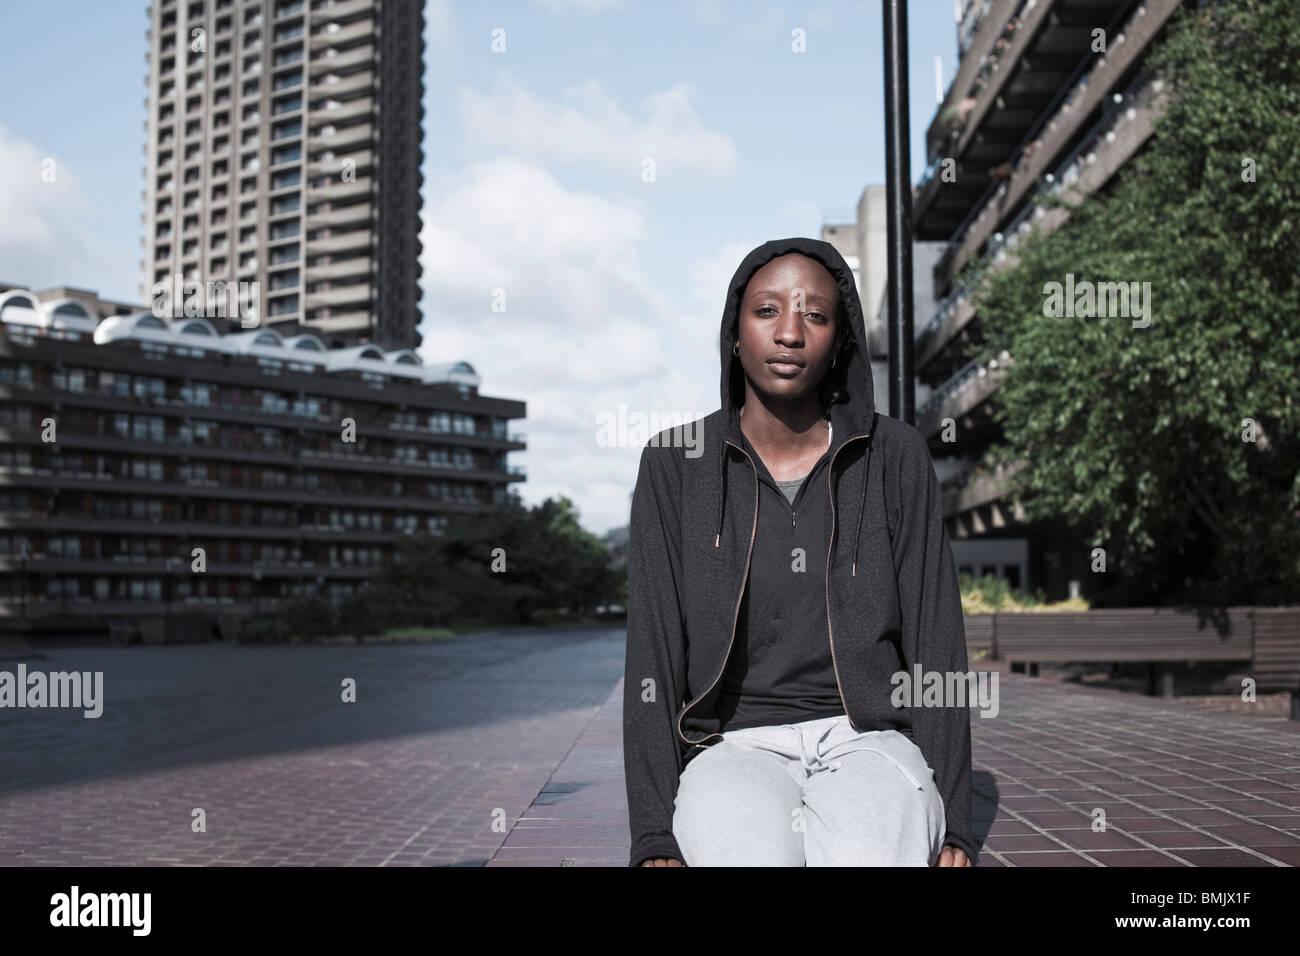 Porträt einer jungen Frau saßen draußen am Stadt-Wohnsiedlung Stockbild